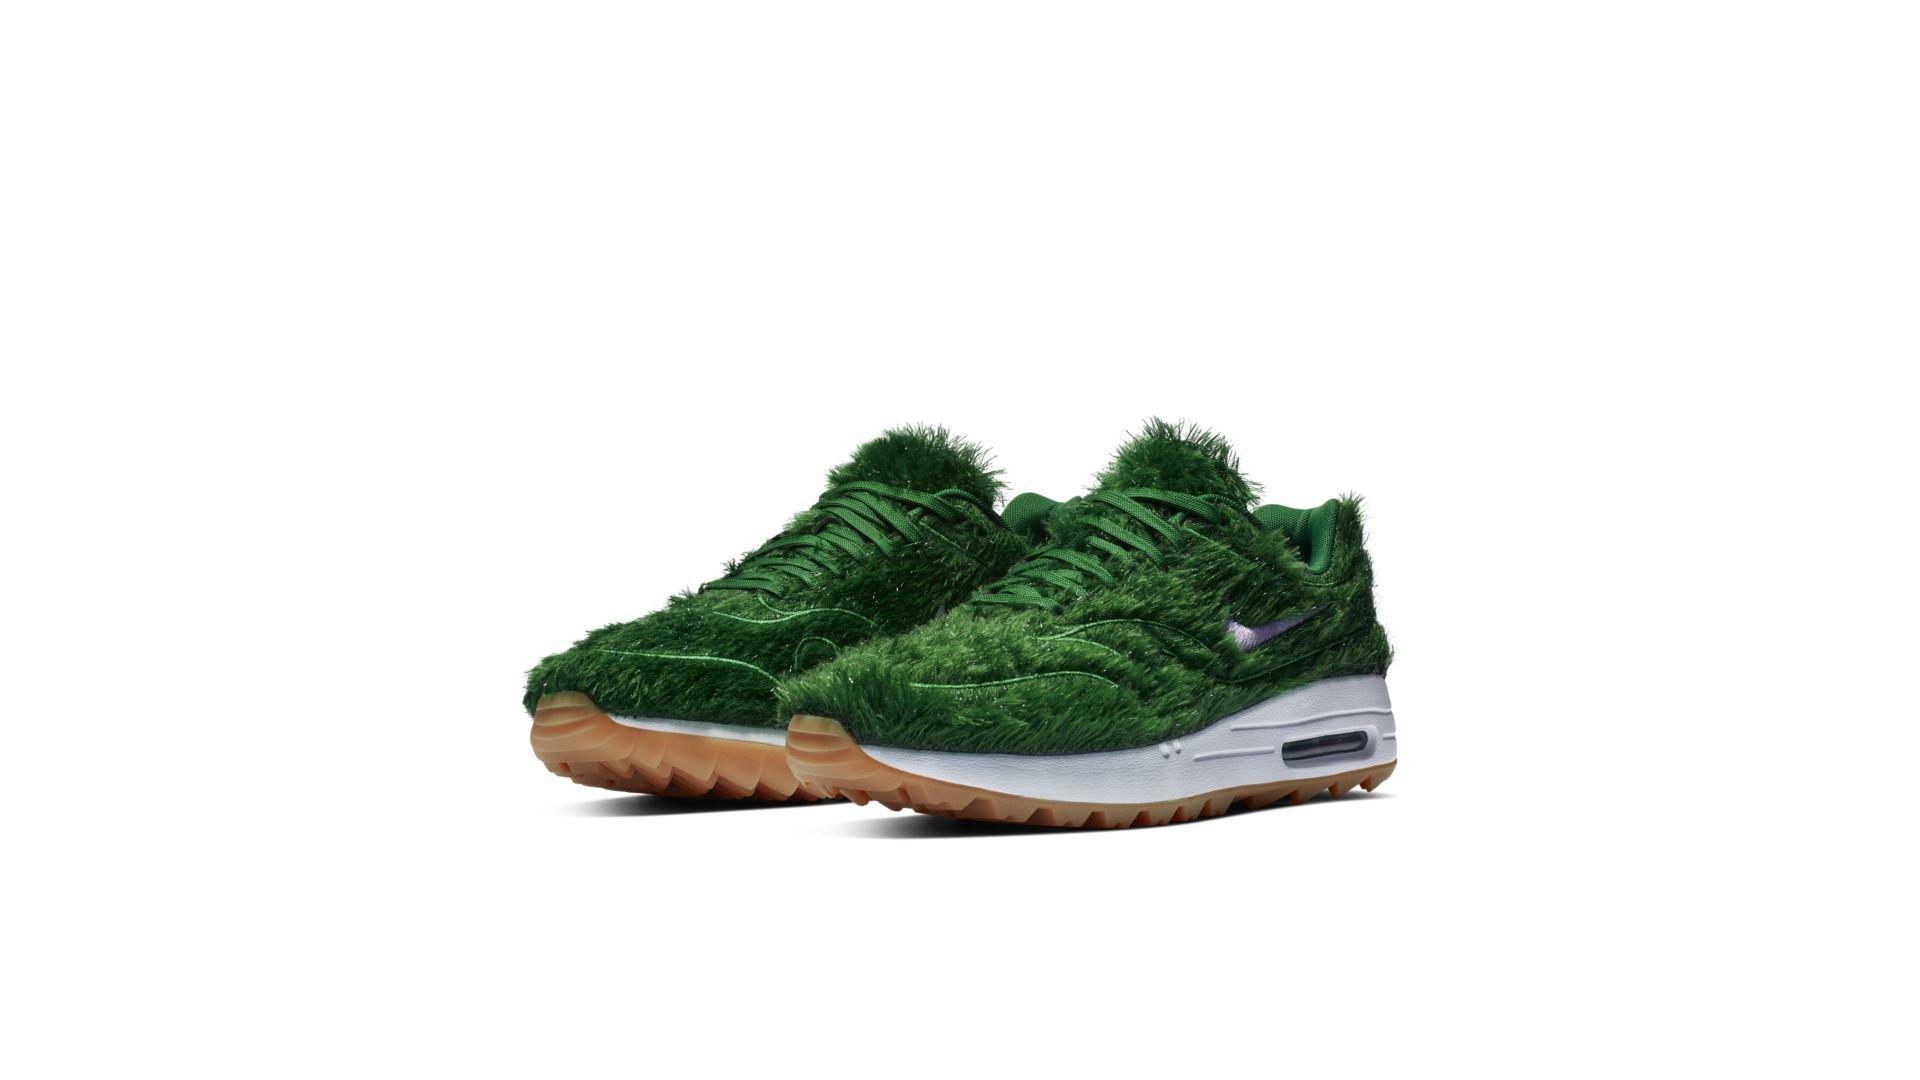 cd5a2d7e268 Nike Air Max 1 Golf NRG  Grass  (BQ4804-300)